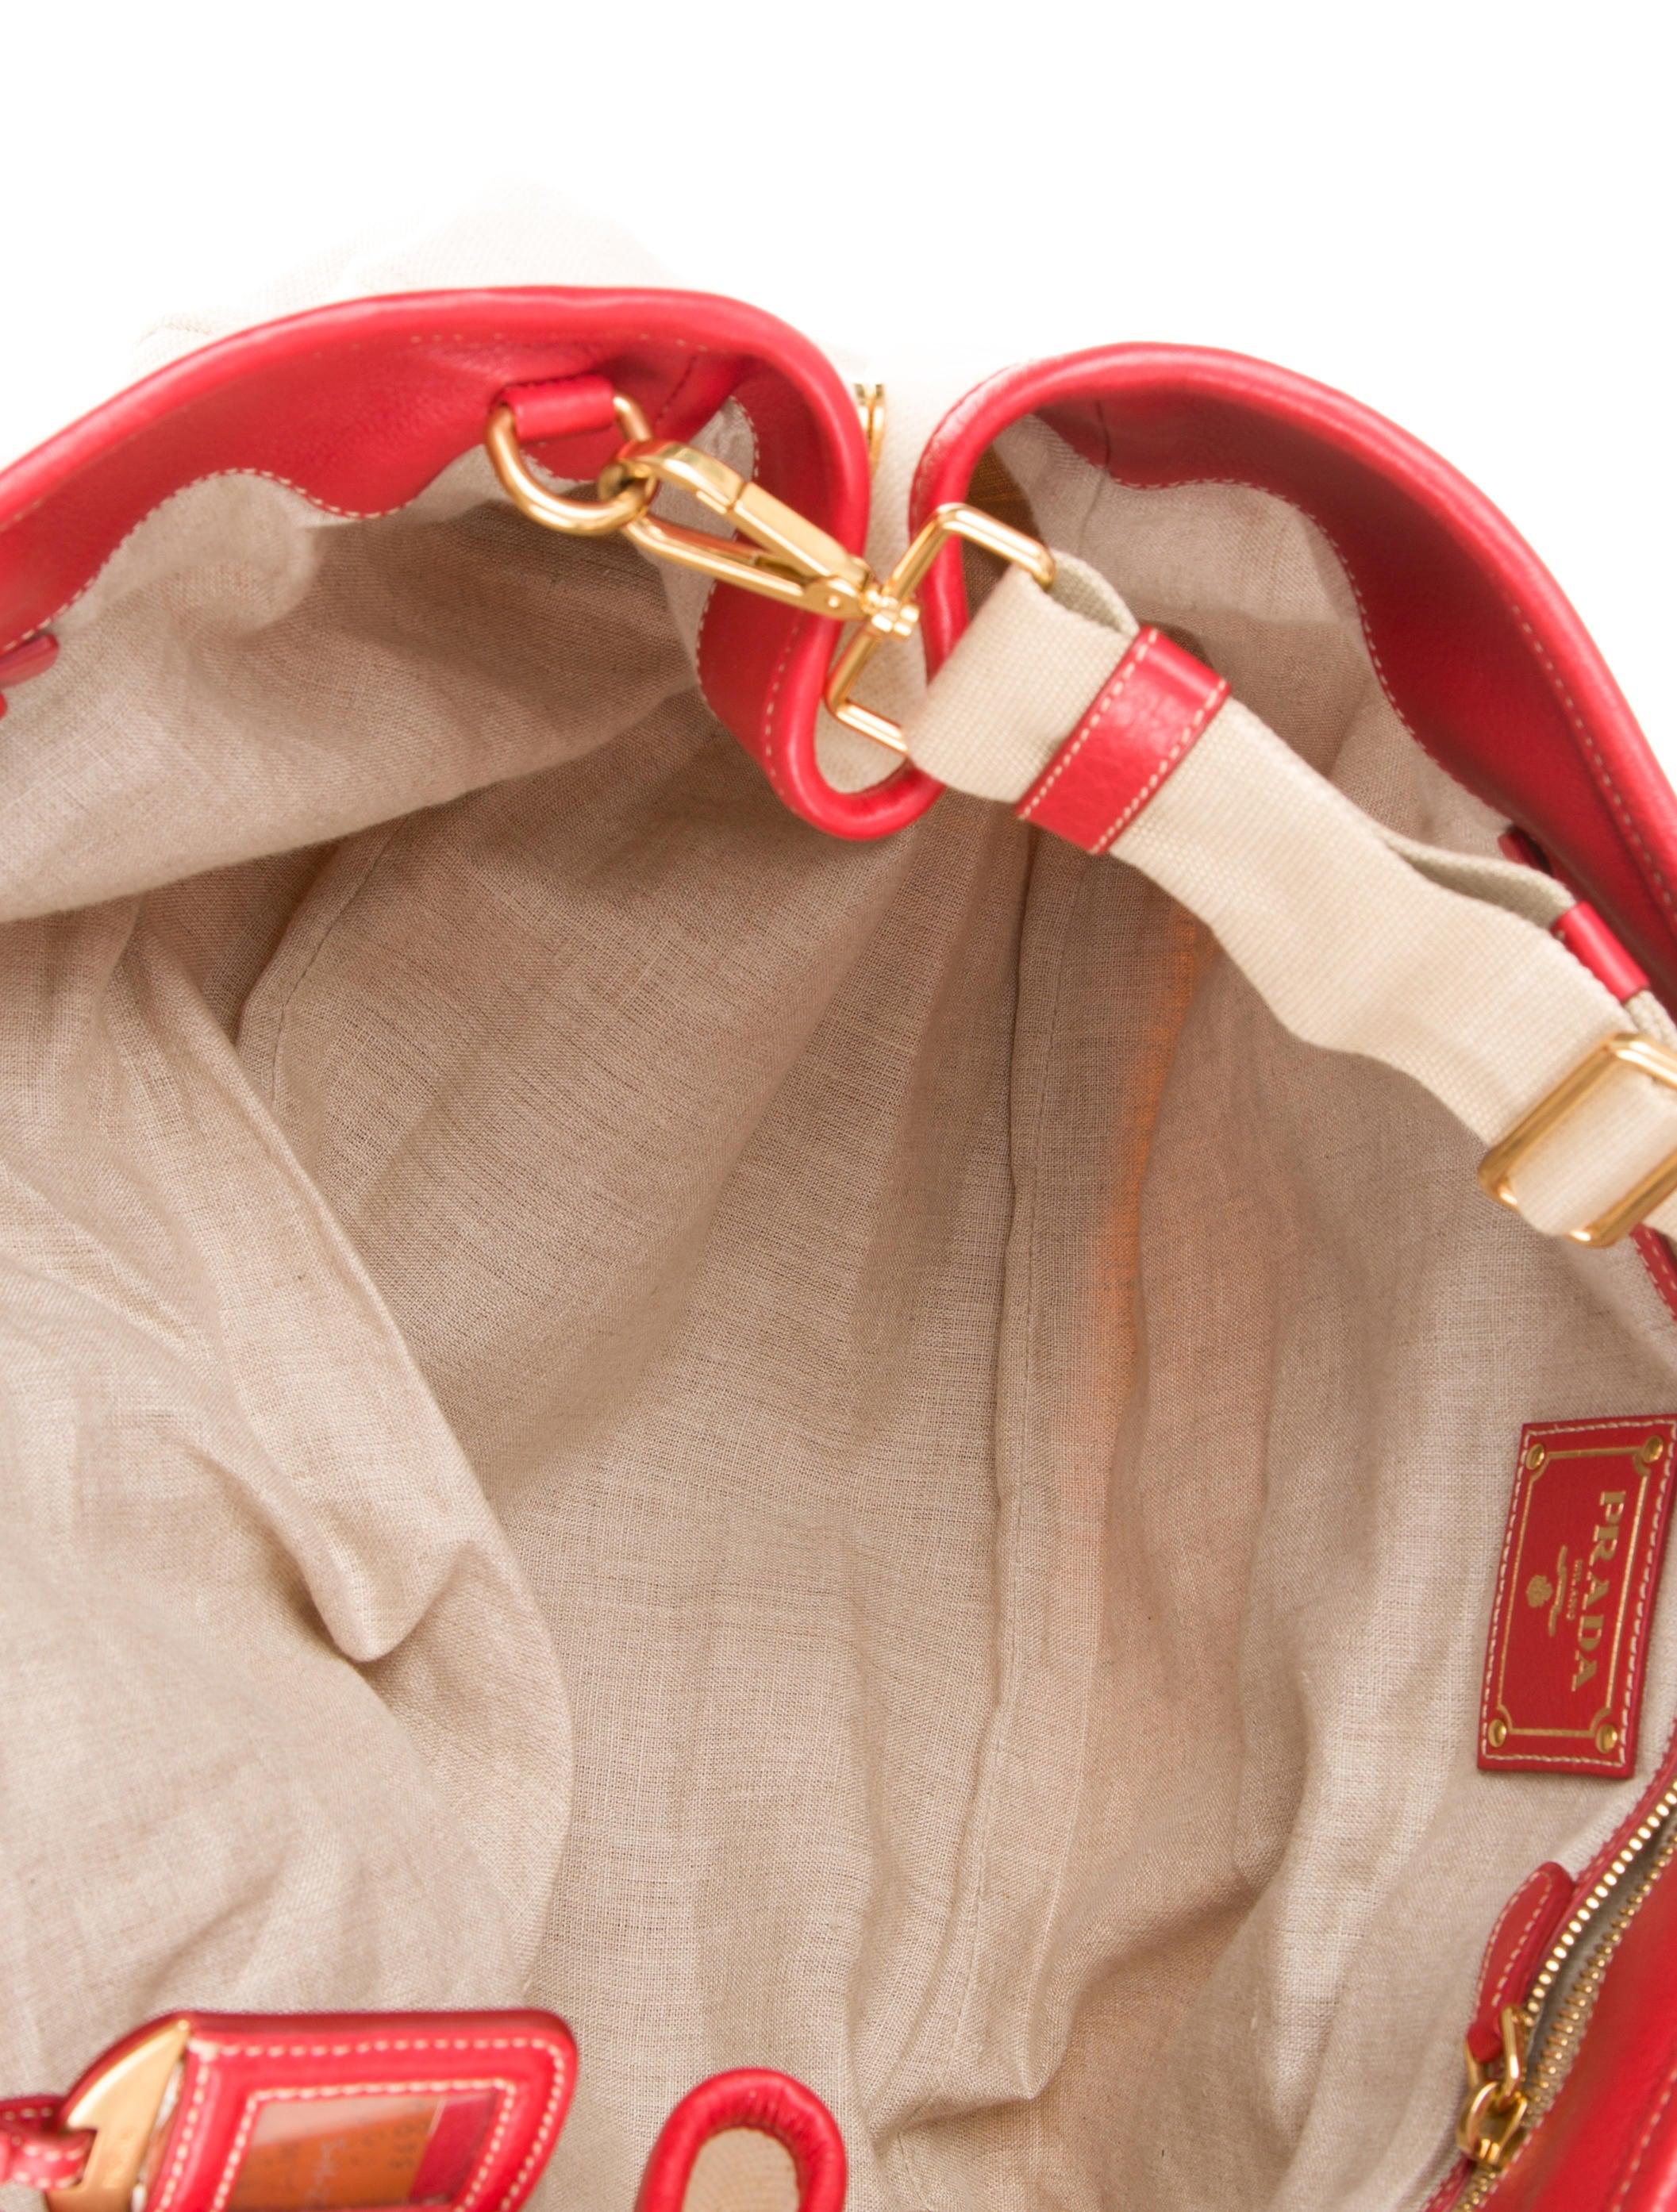 prada wristlet for sale - prada canapa satchel, light blue prada handbag